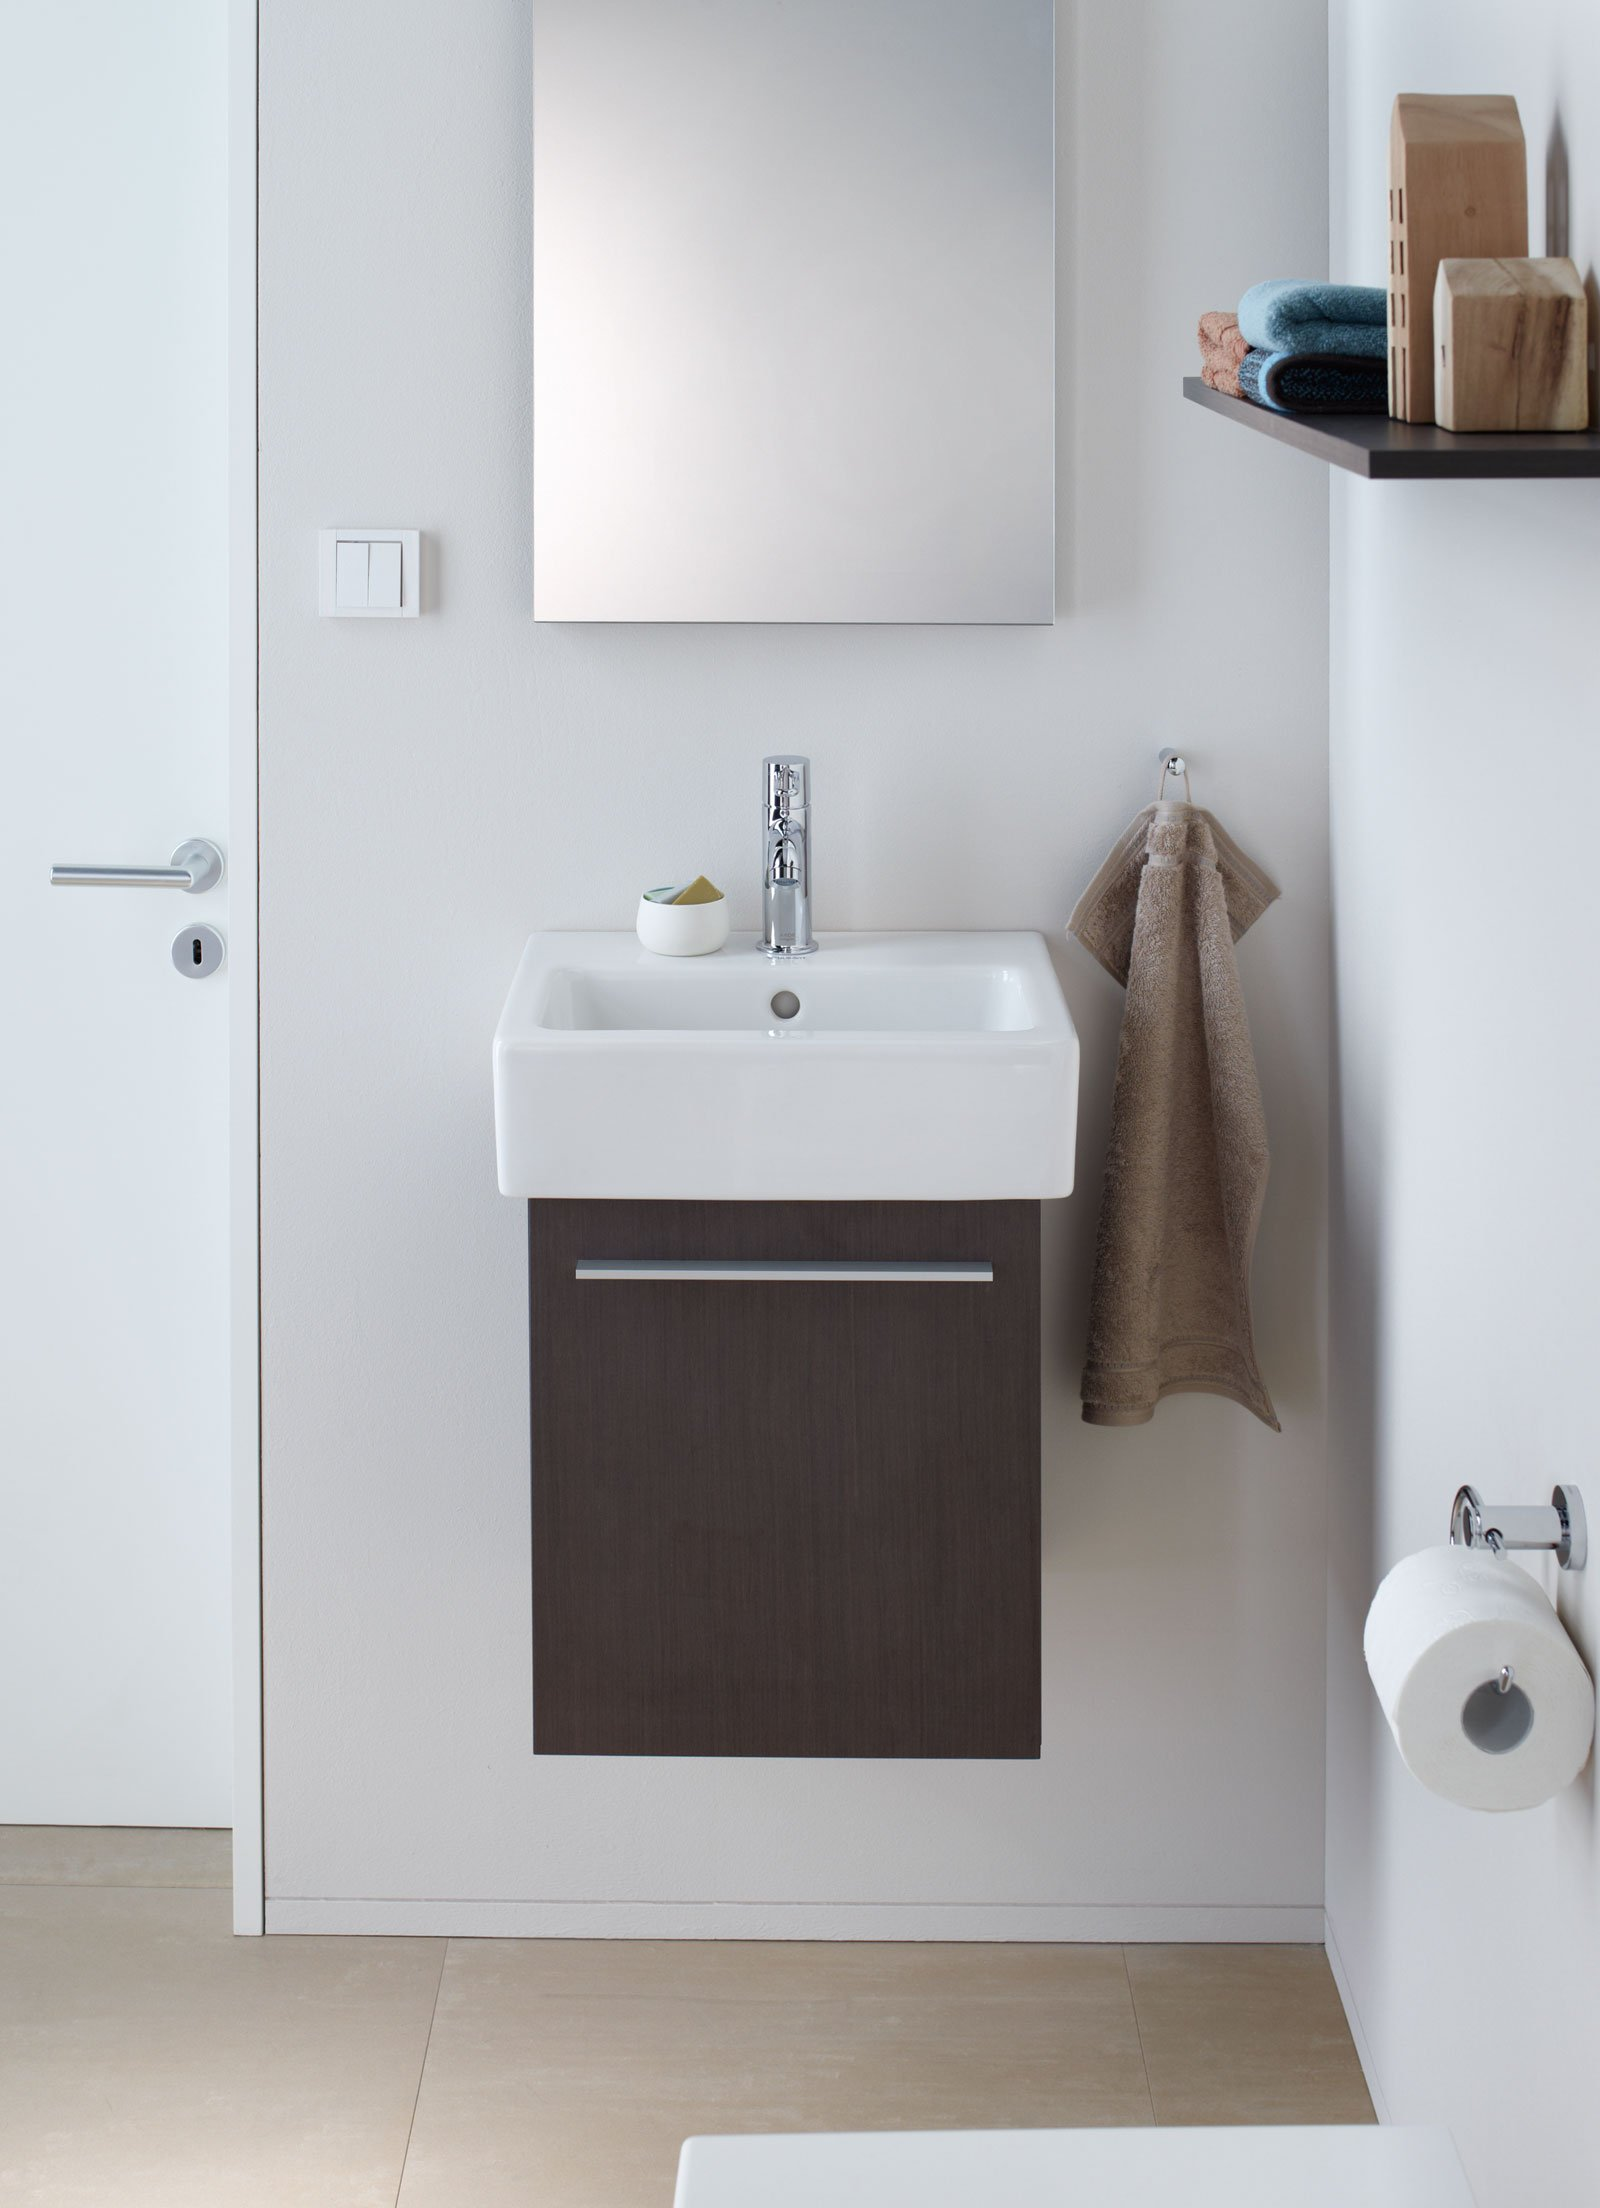 Mobili lavabo piccoli per risparmiare centimetri preziosi for Lavabo con mobile